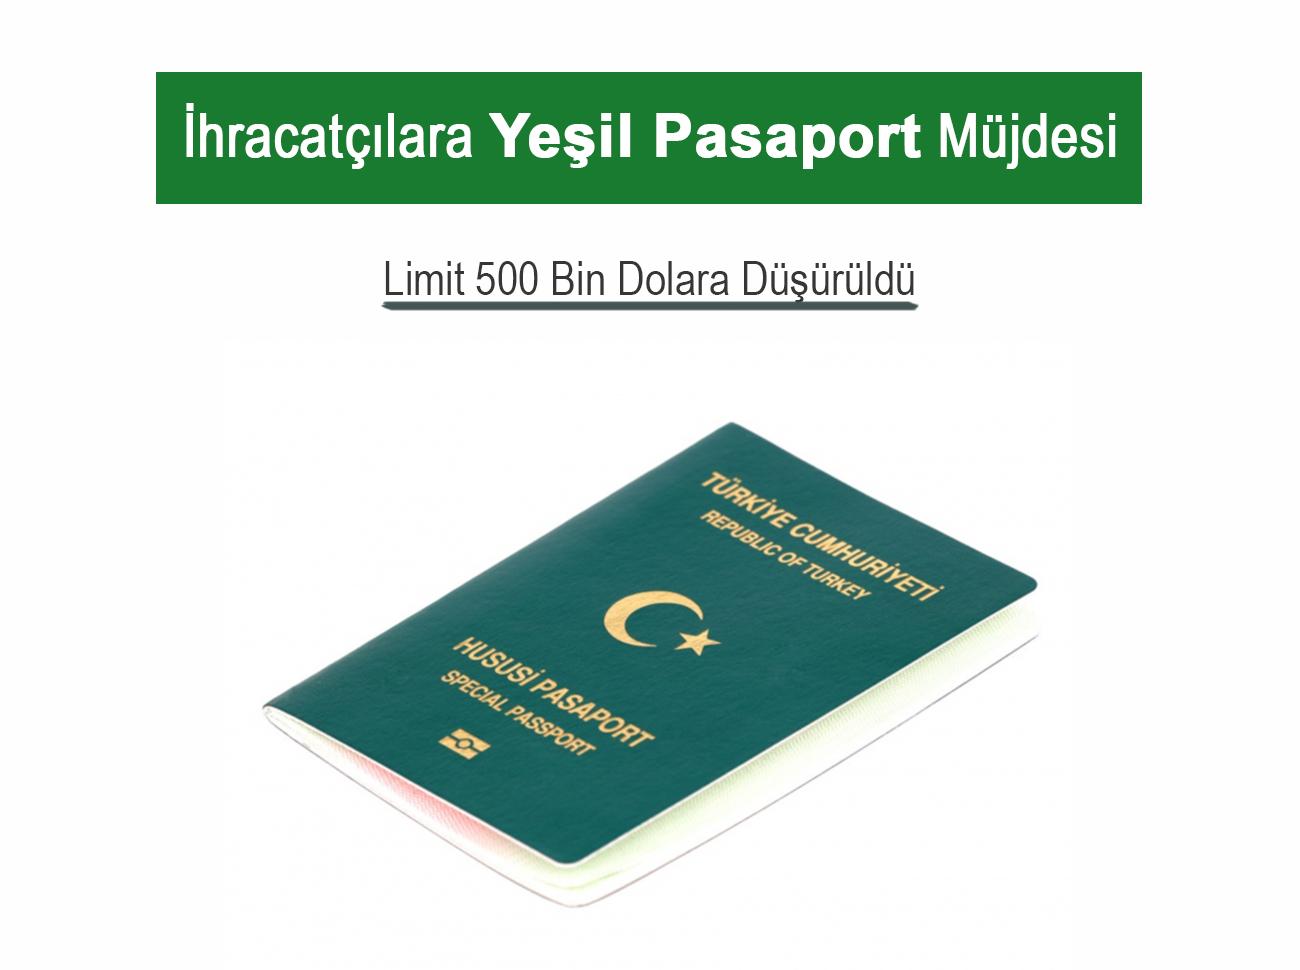 Yeşil Pasaport İçin İhracat Limiti 500 Bin Dolar Oldu